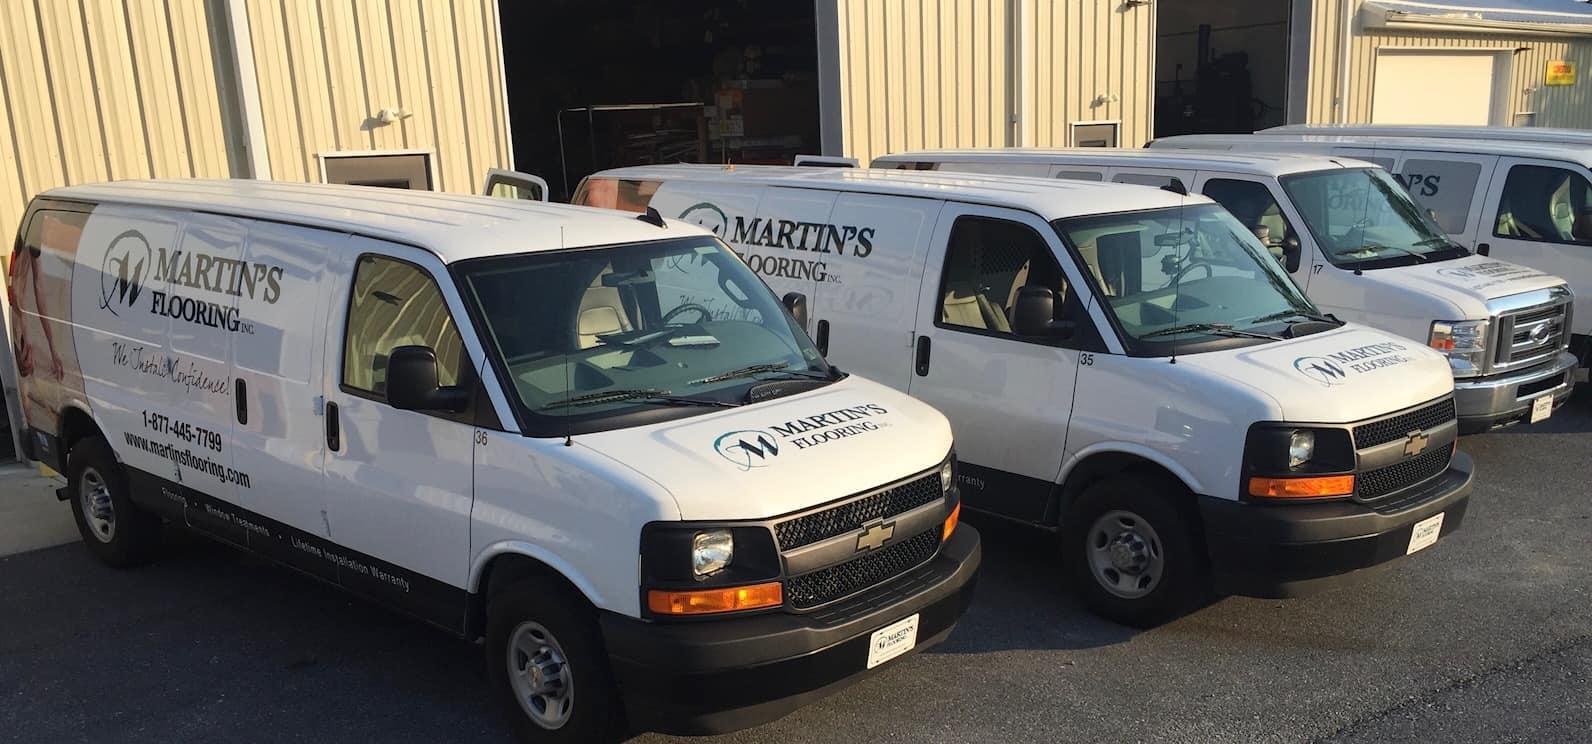 Martin's Flooring fleet of flooring installation trucks